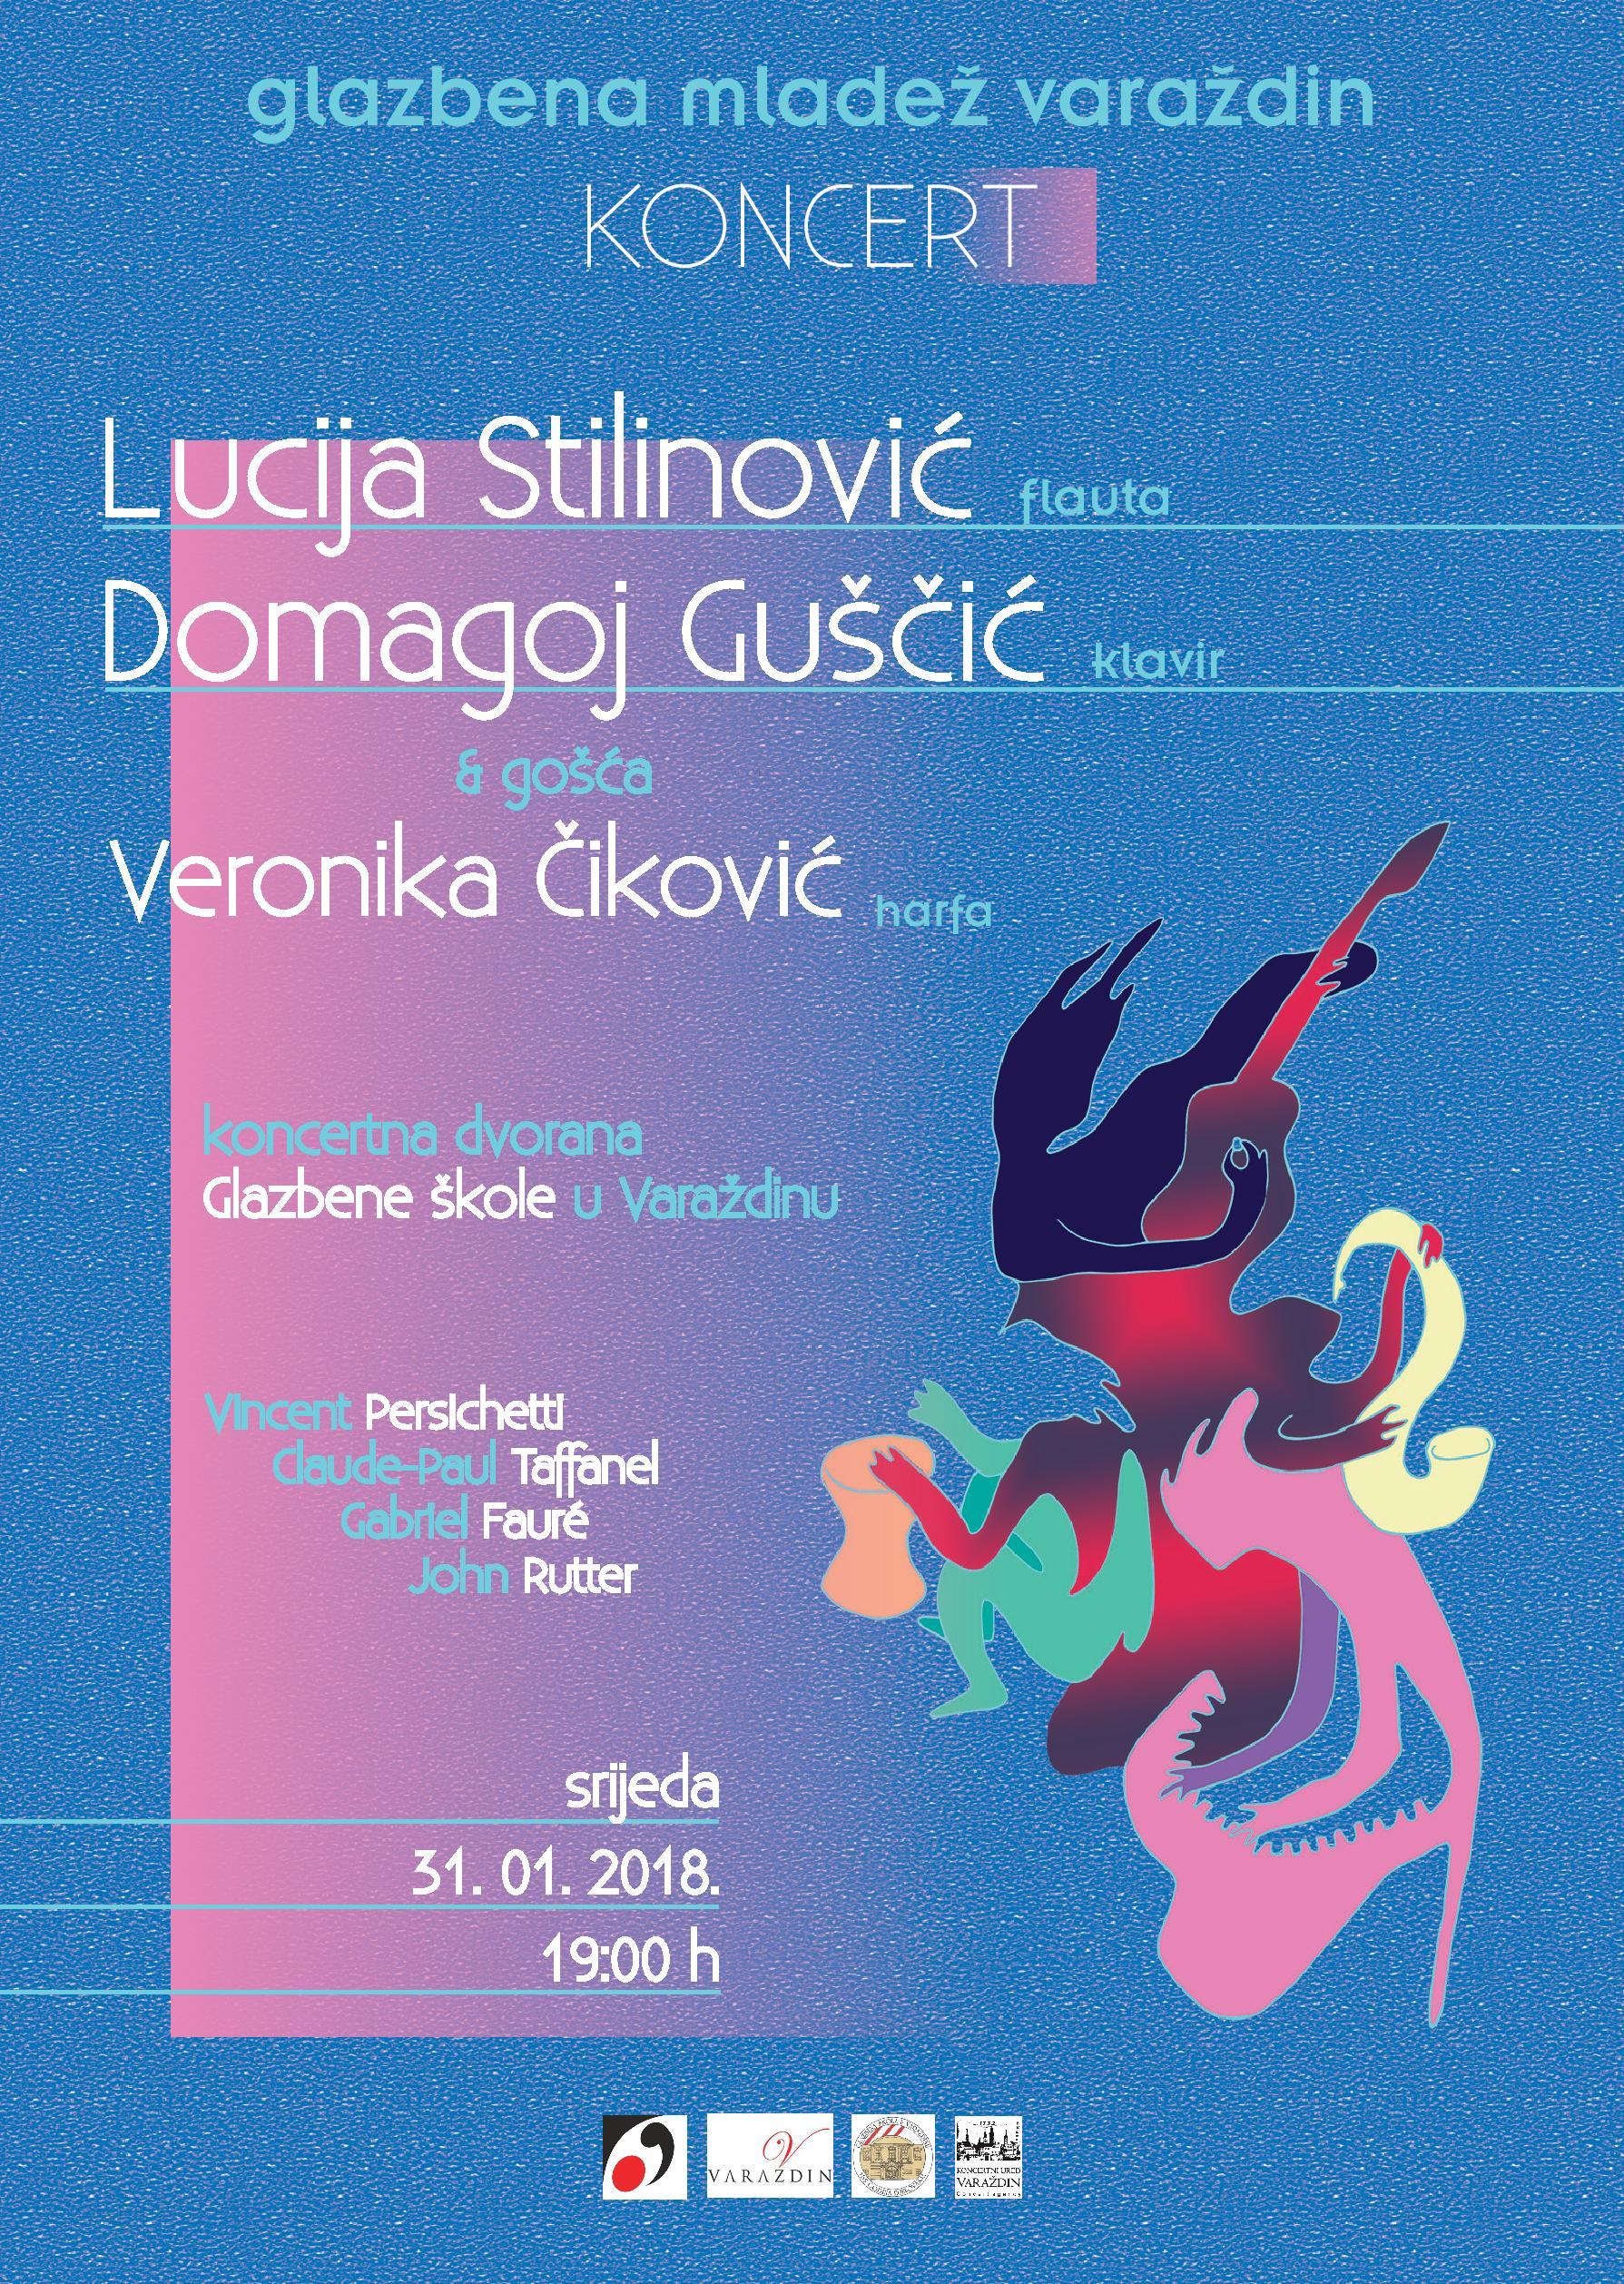 Silinović Lucija